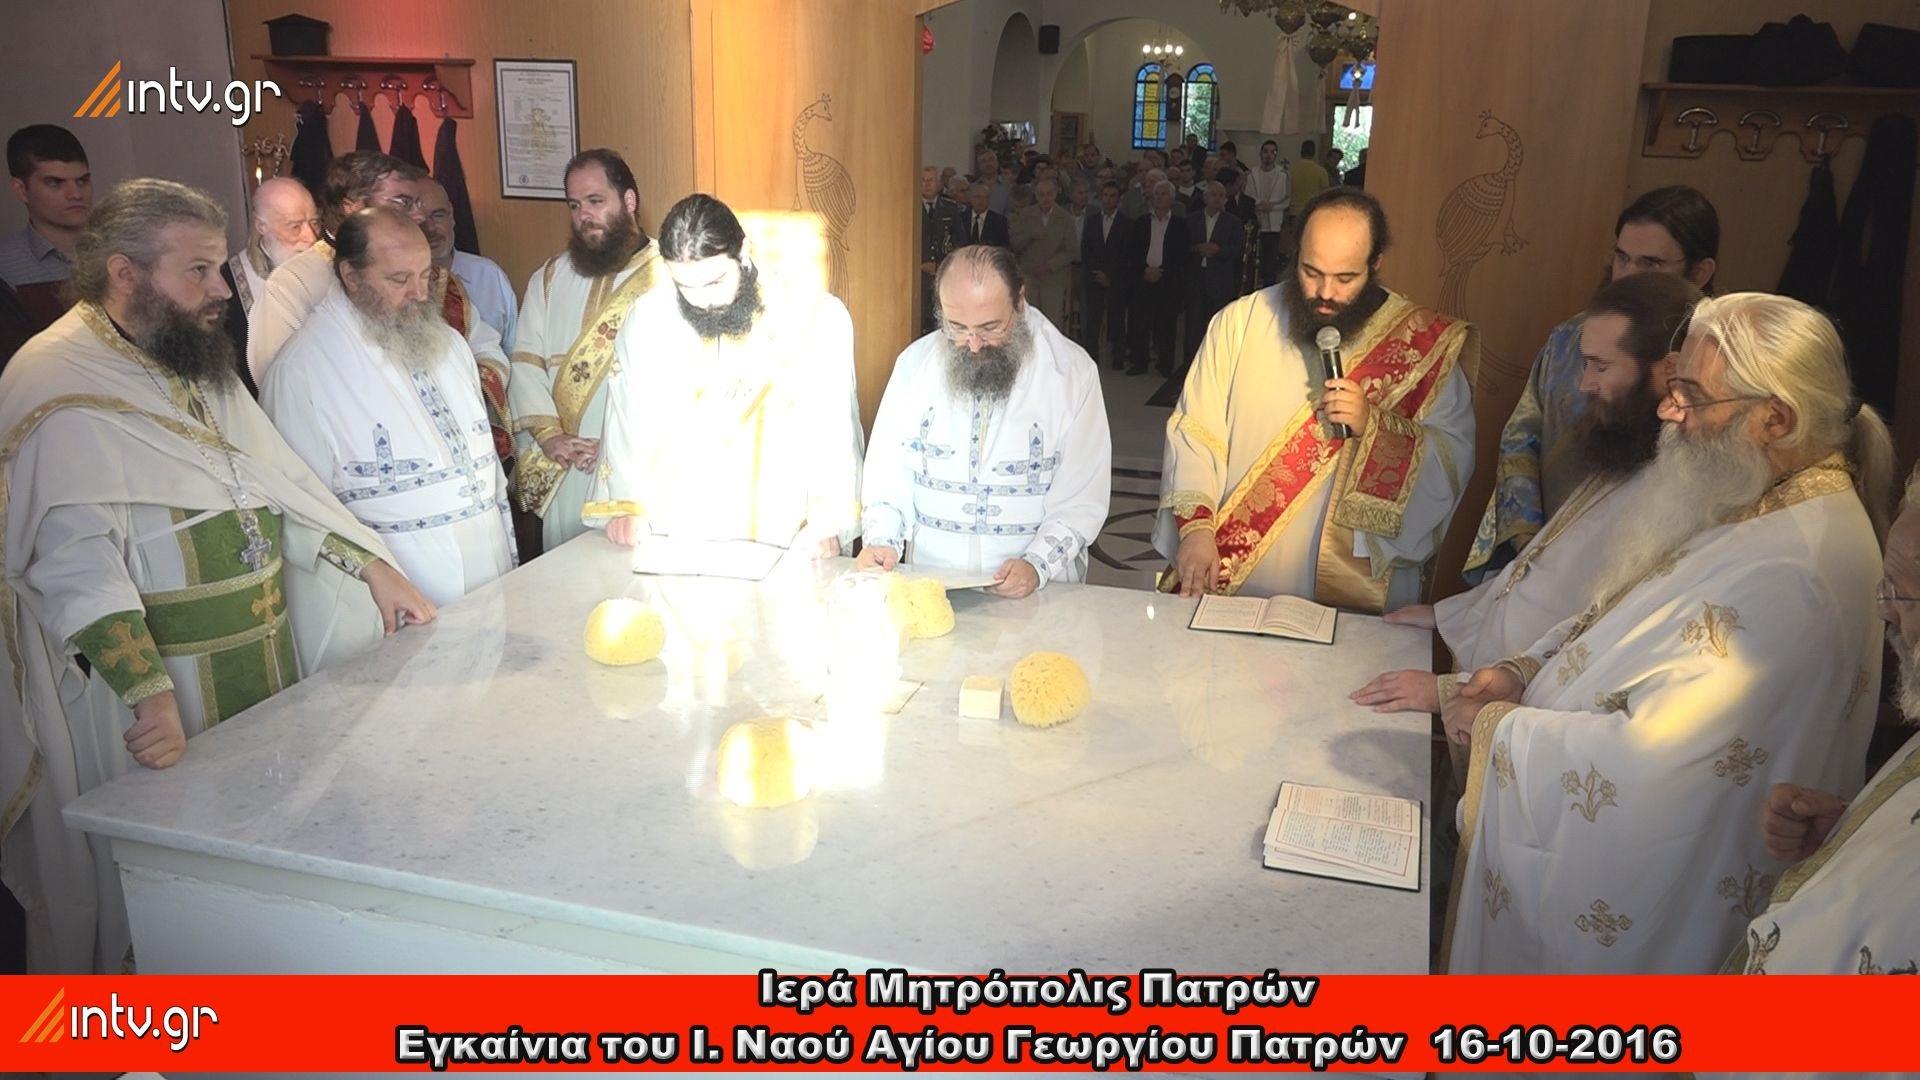 Ιερά Μητρόπολις Πατρών - Εγκαίνια του Ι. Ναού Αγίου Γεωργίου Πατρών (περιοχή Λάγγουρα)